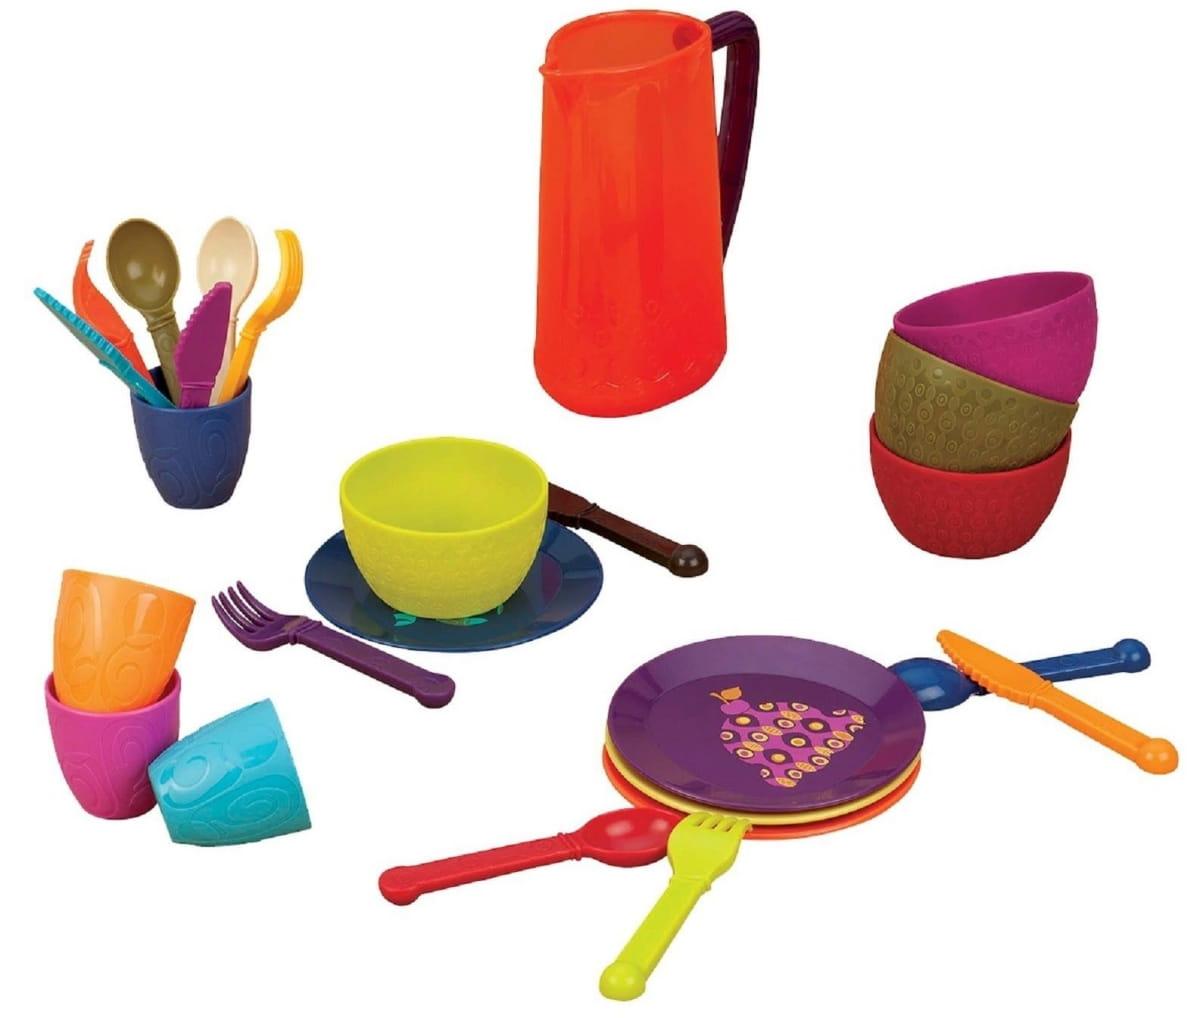 Набор игрушечной посуды B Dot b68693